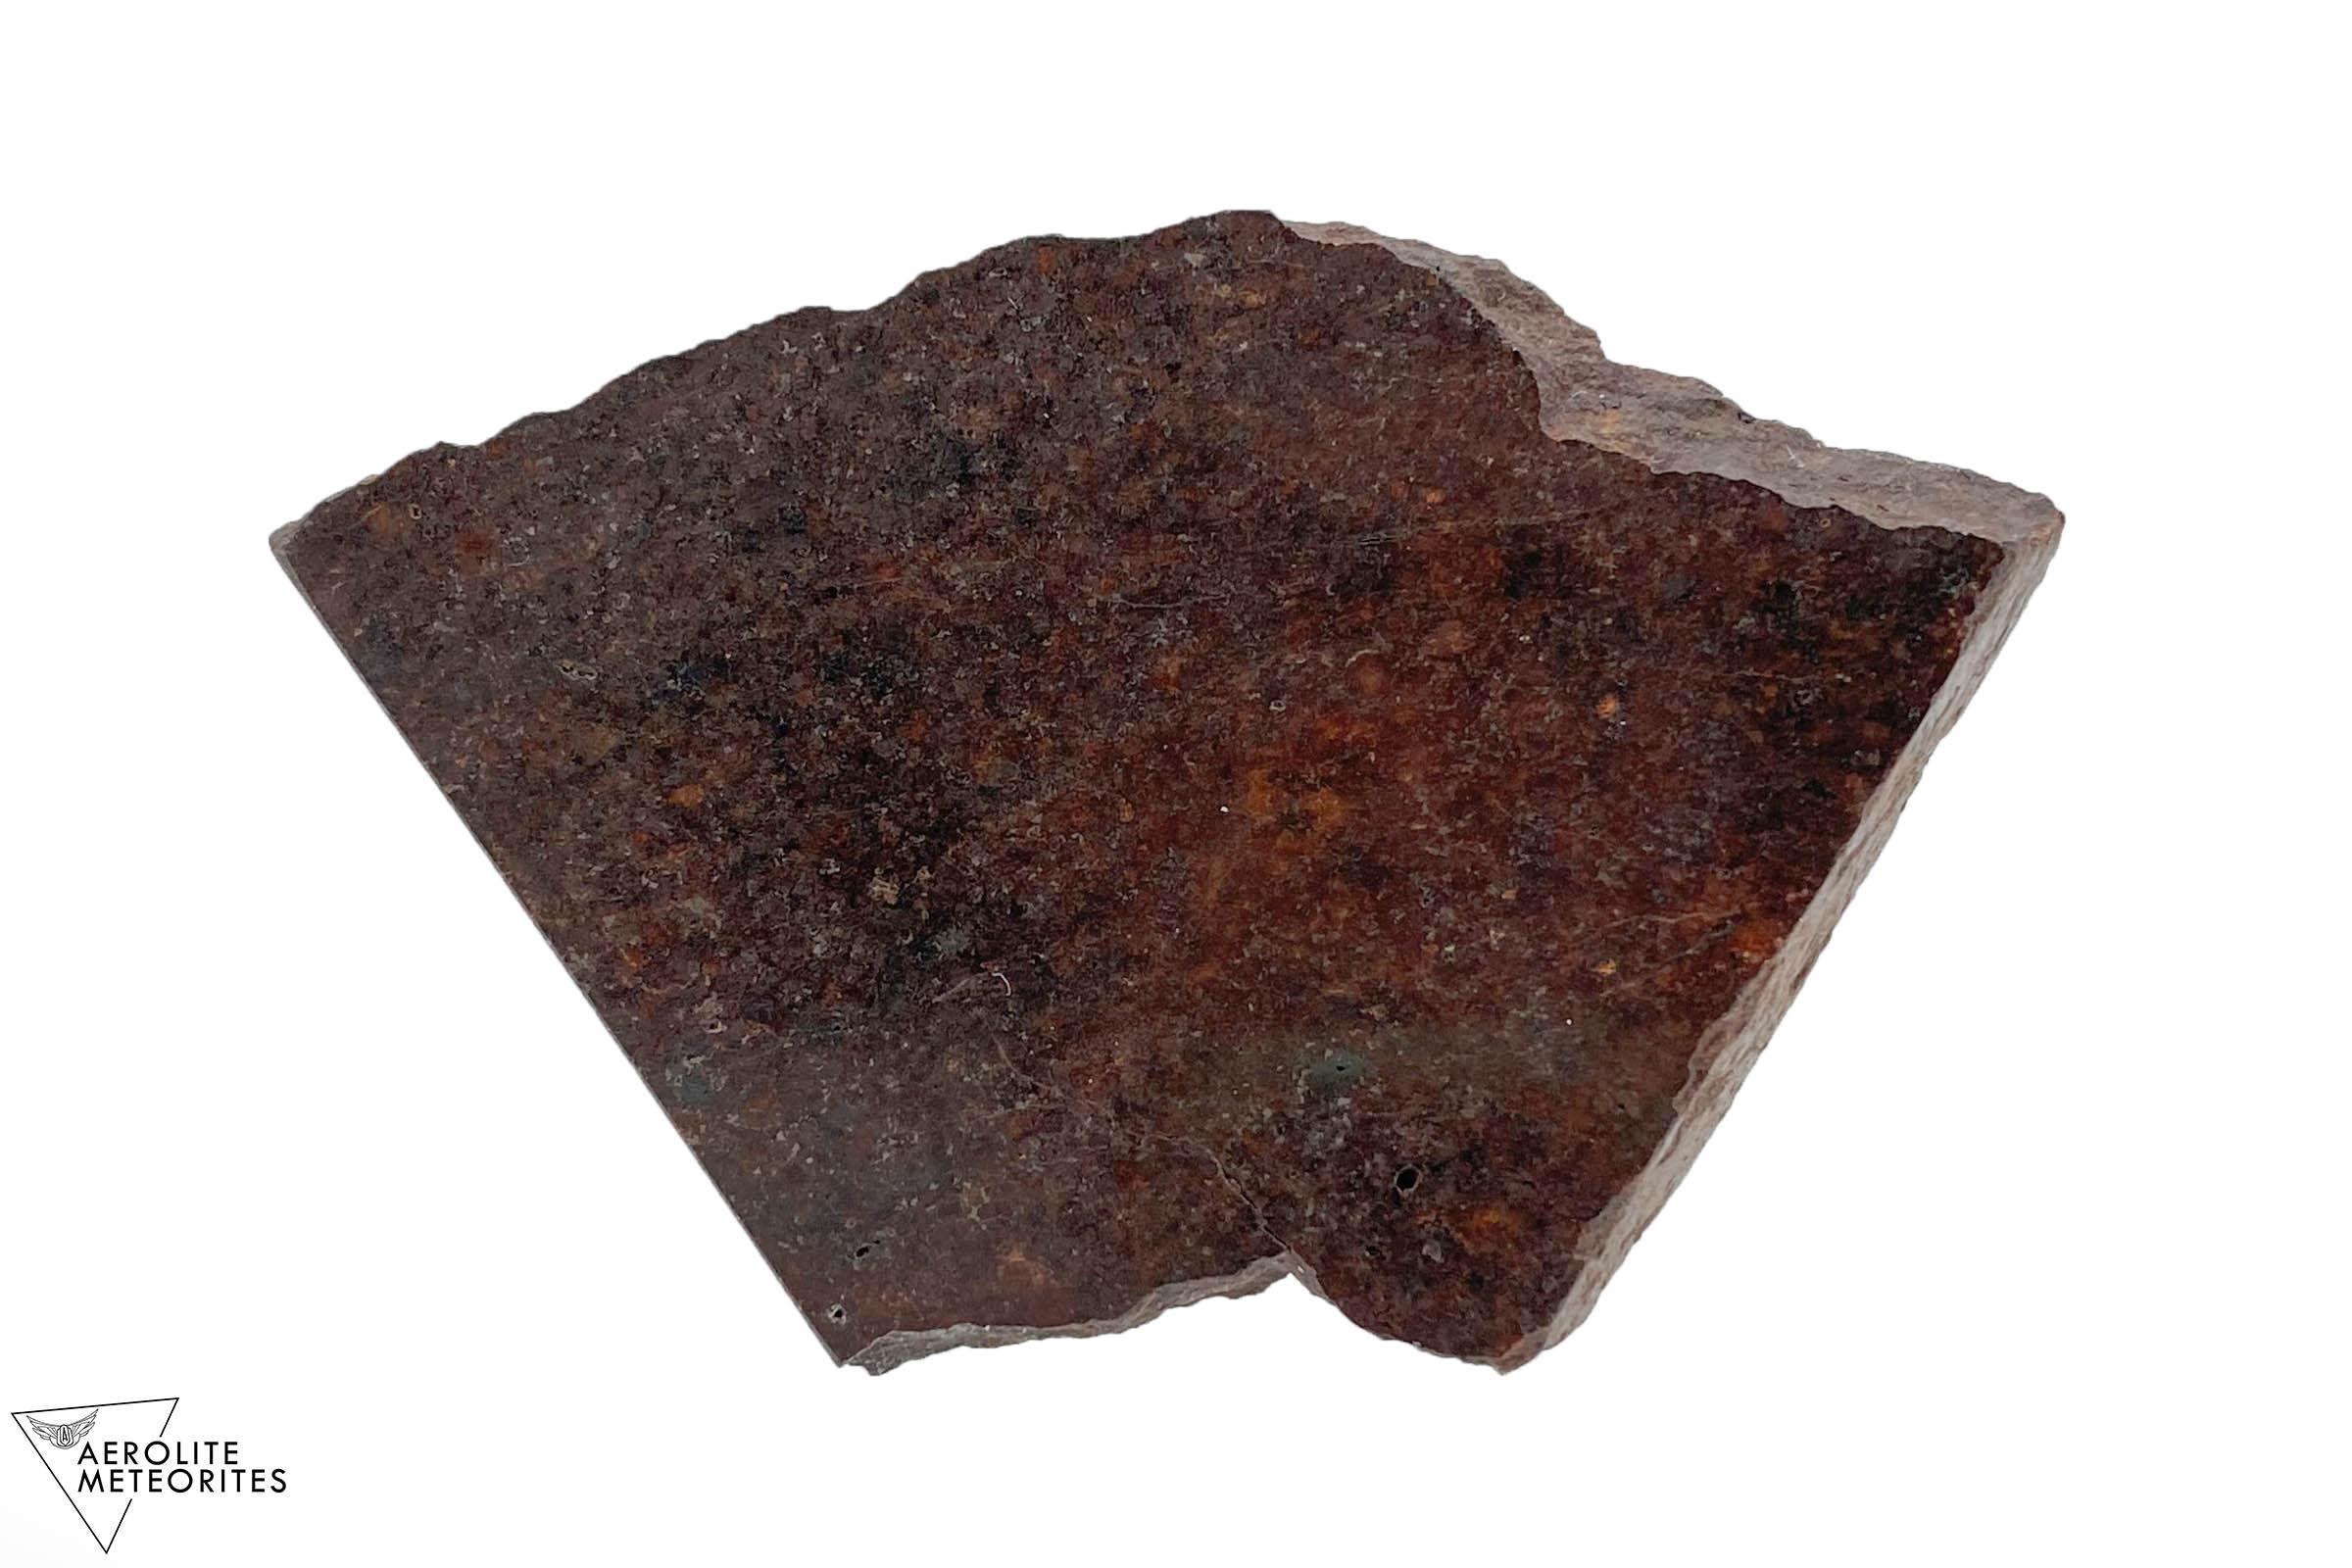 Hamilton 58.4 grams-i